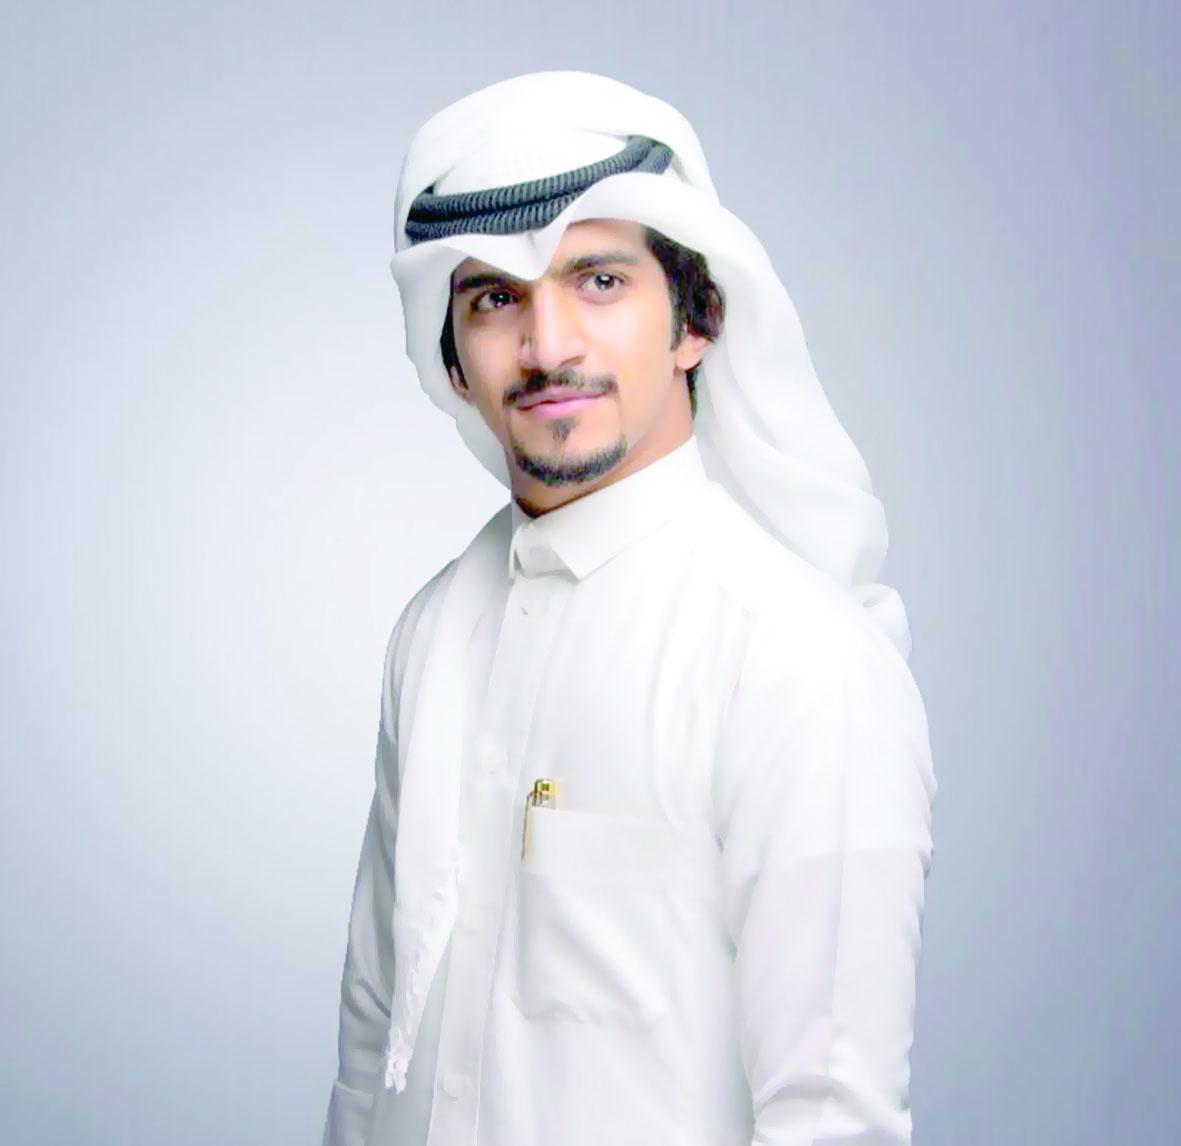 نجوم الإنشاد الخليجي يحيون أمسية في المضيبي